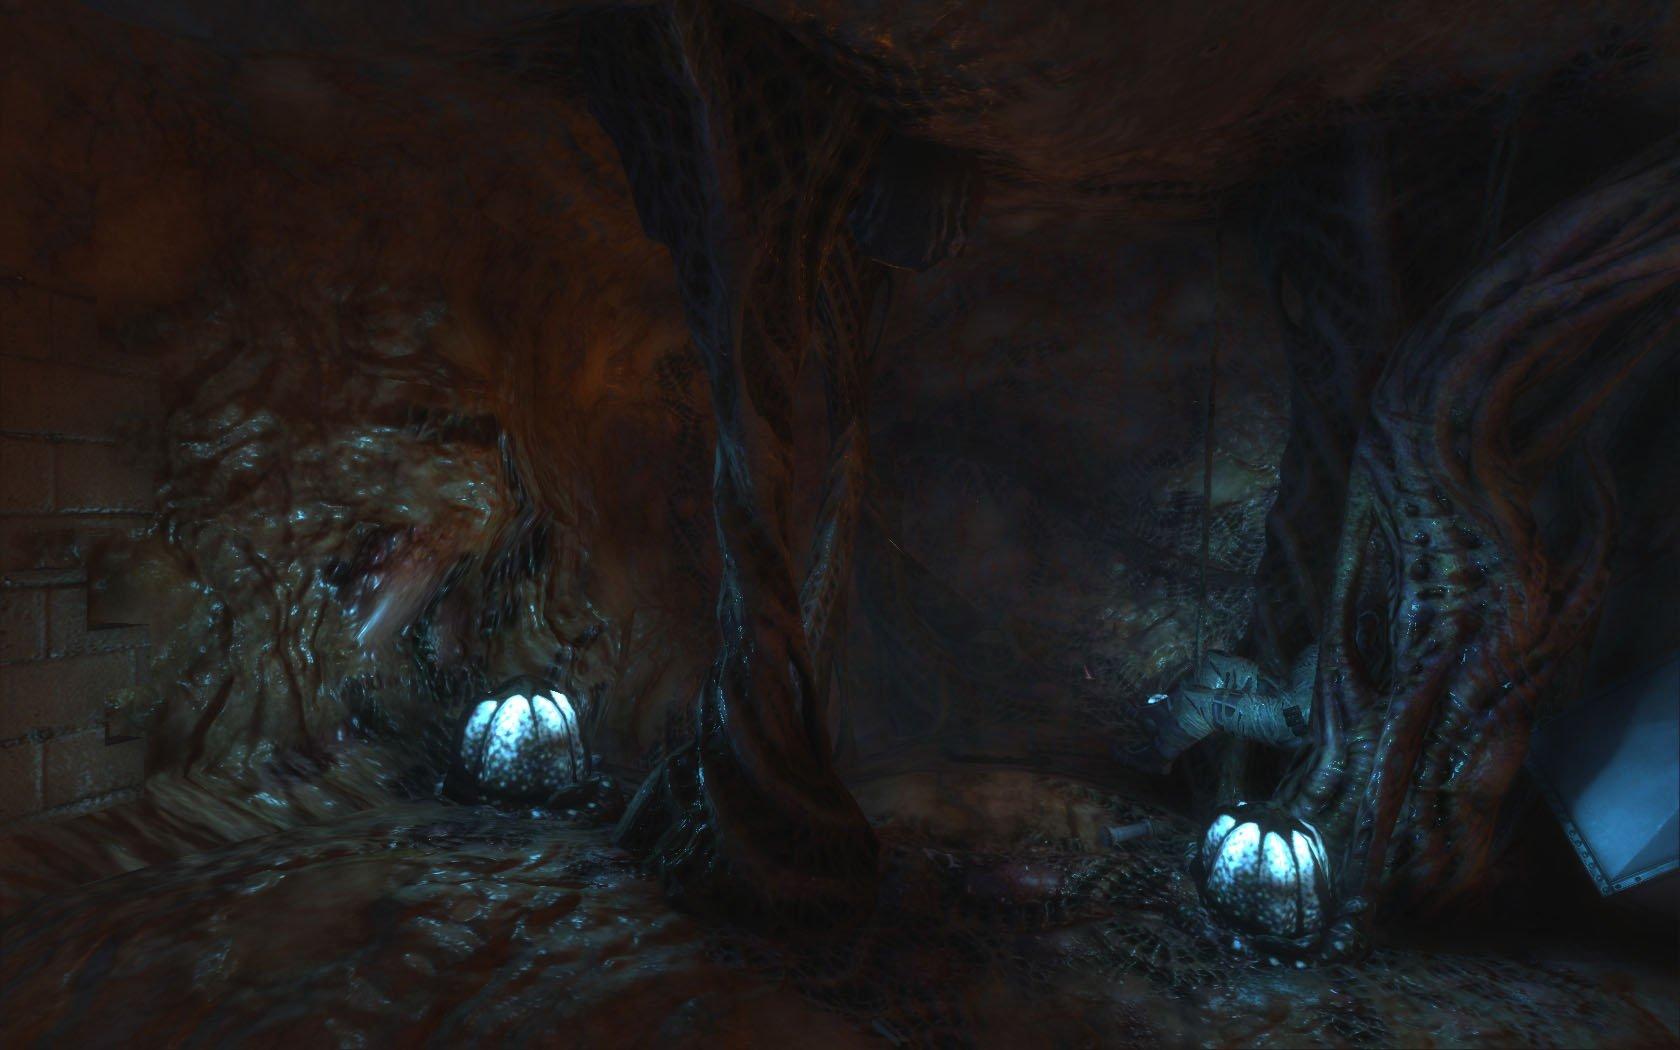 Duke Nukem Forever Screenshots, Concept Art Released #7353